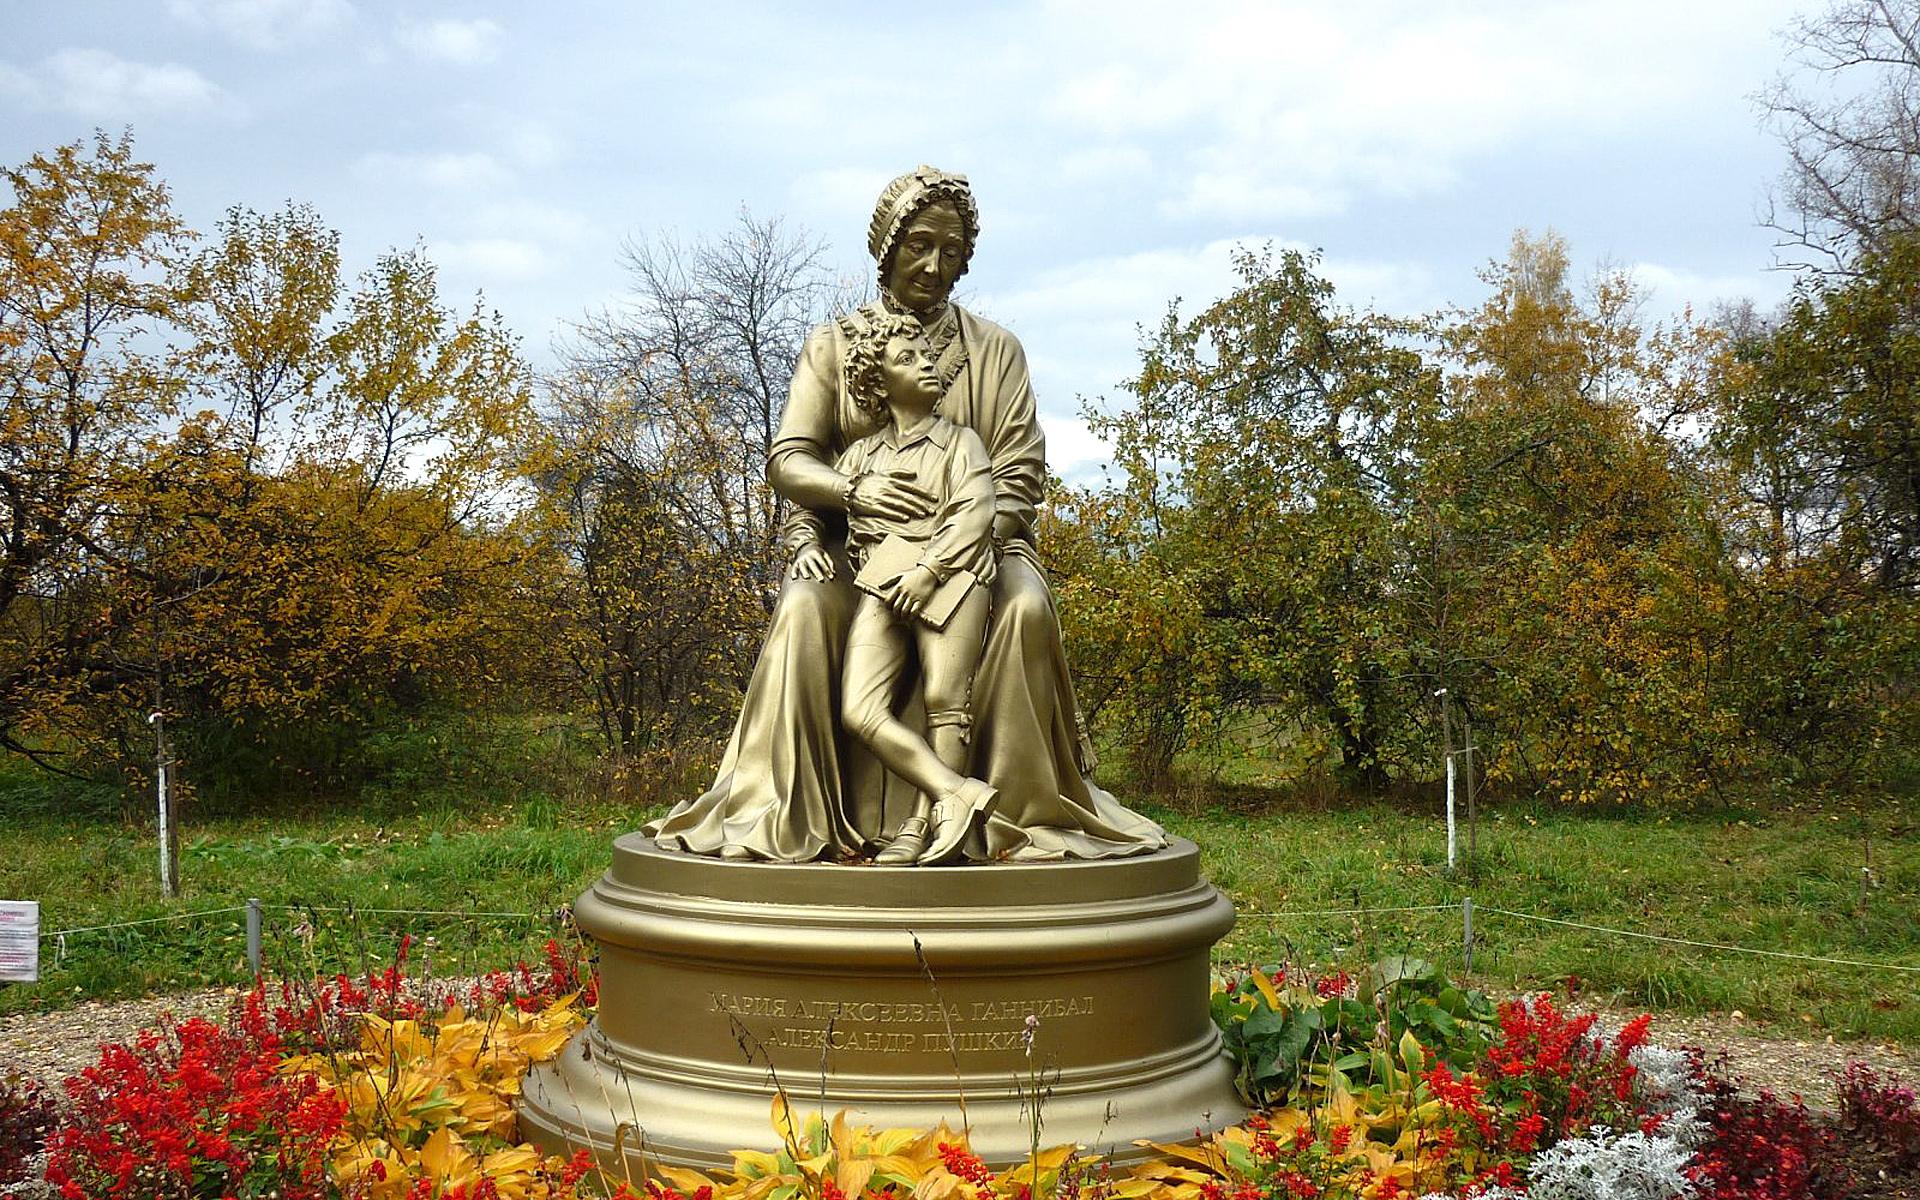 ТОП-20 памятников Пушкину в России и мире